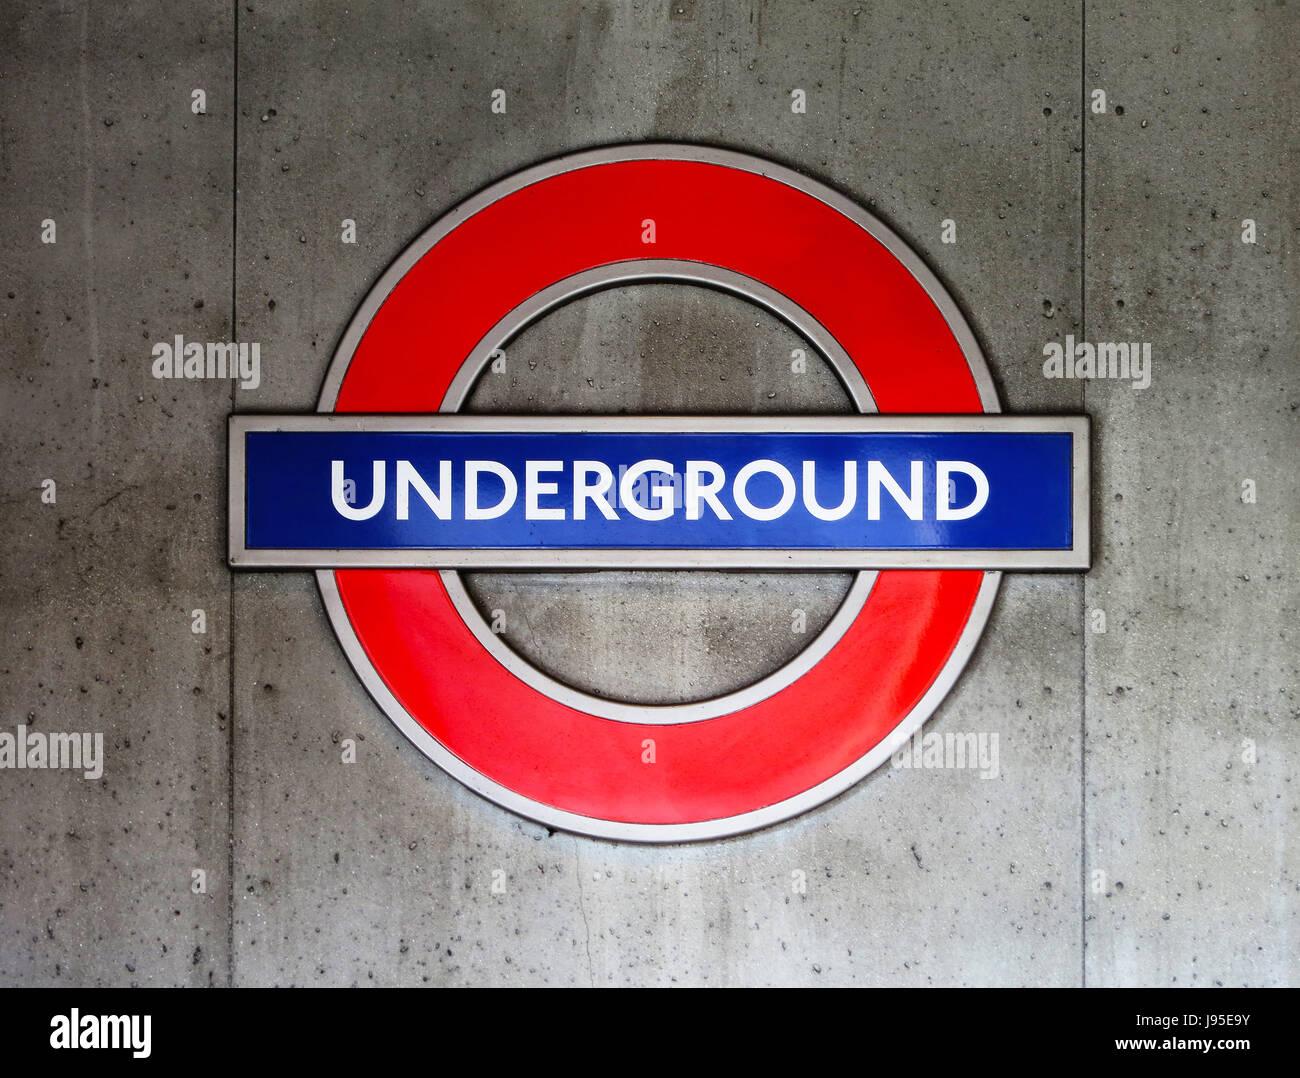 station, metro, london, england, tube, subway, sign, underground, pipe, - Stock Image